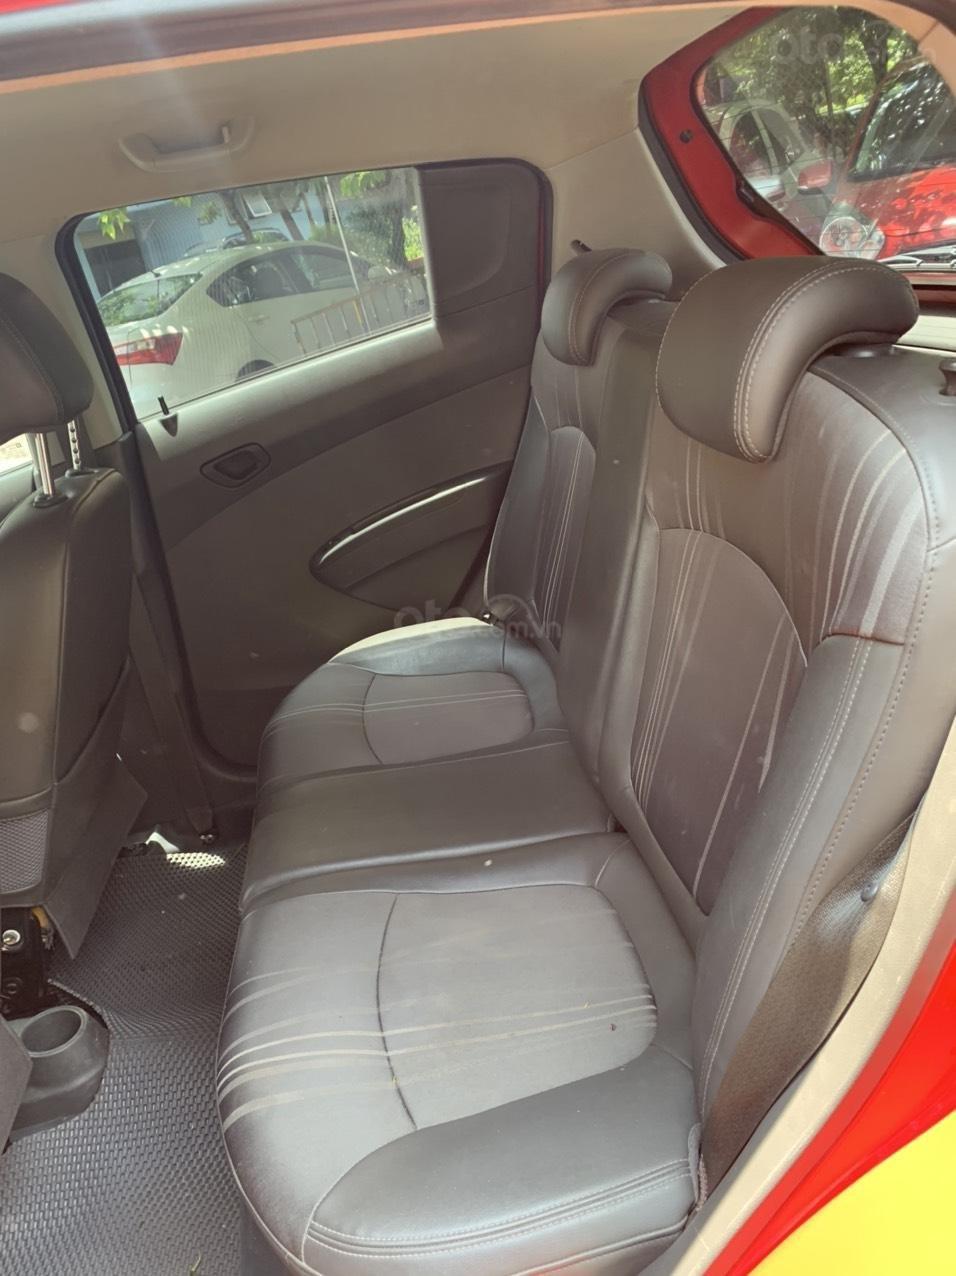 Cần bán gấp Chevrolet Spark sản xuất năm 2013 số tự động, giá chỉ 220 triệu (5)